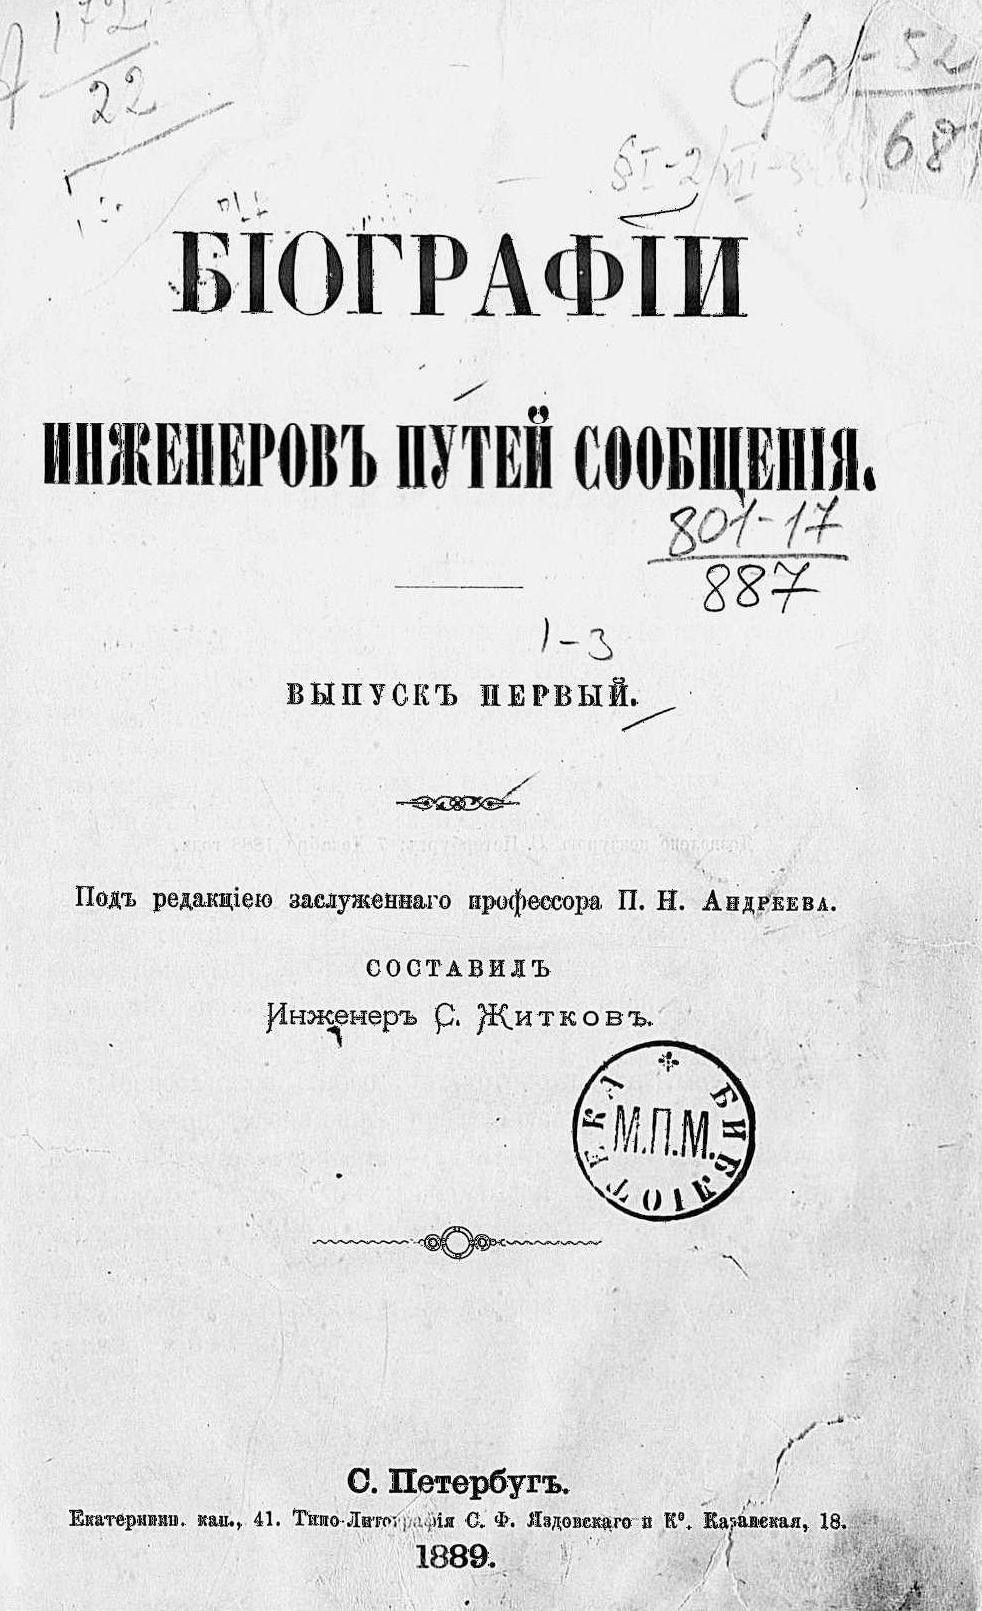 zhitkov-biografii-inzhenerov-putei-soobshcheniia-1-1889_Page1.jpg